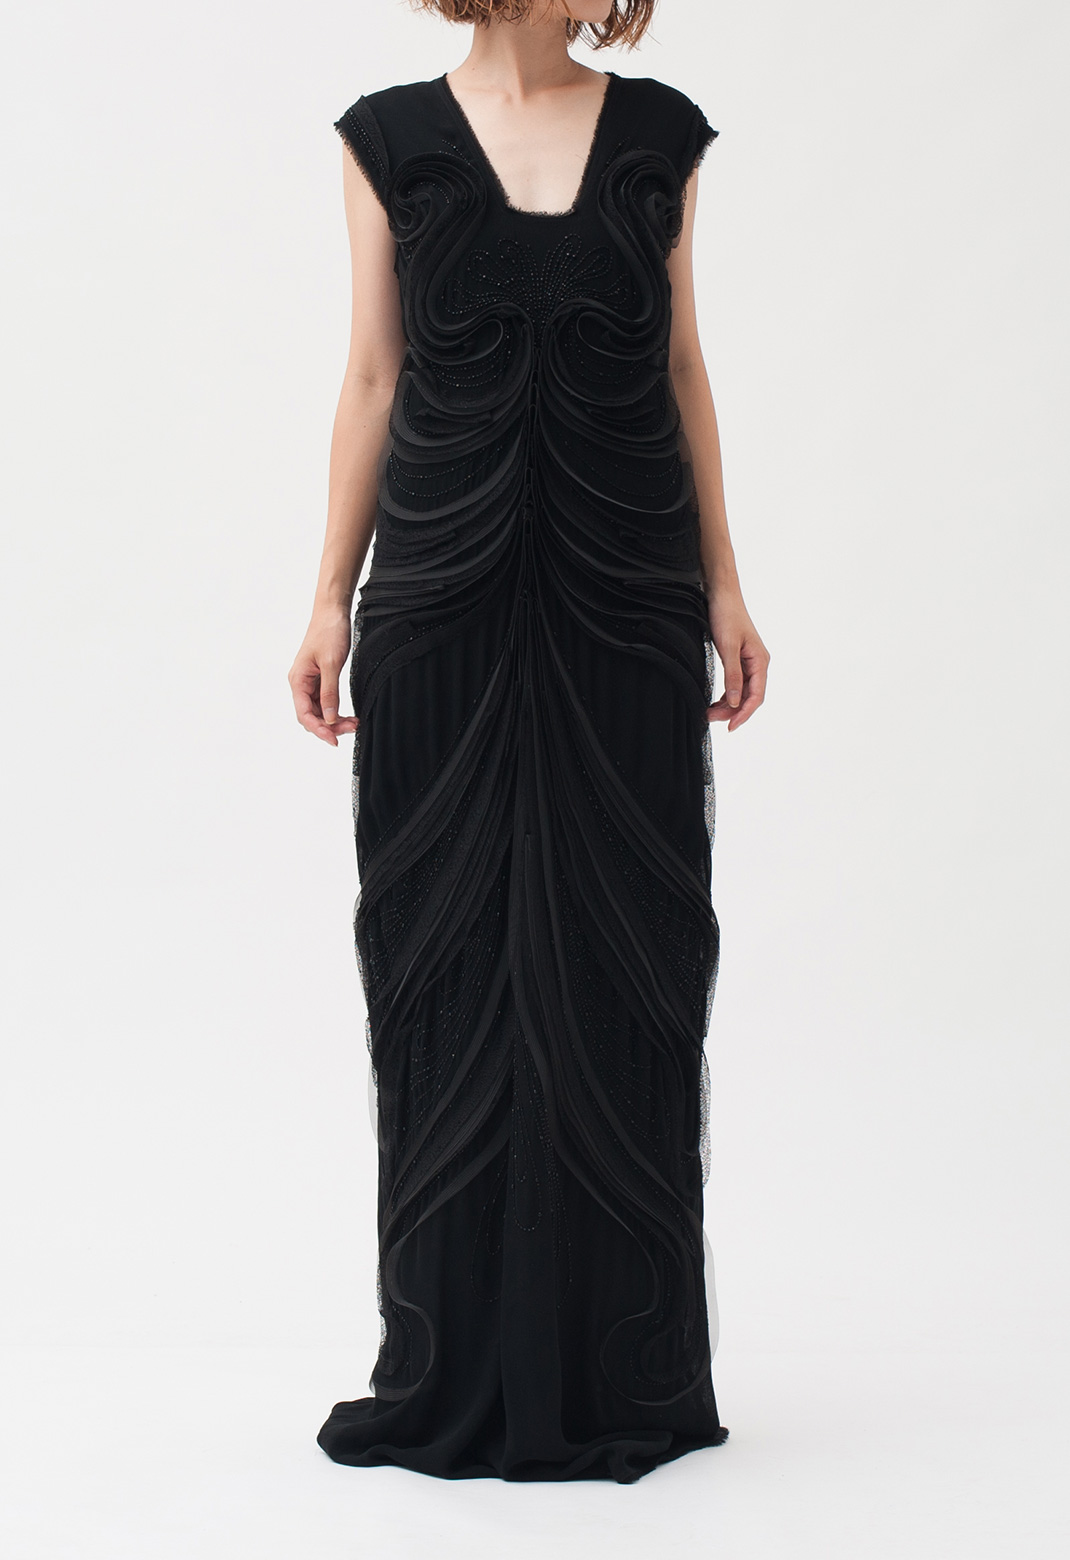 ビーズ×曲線モチーフ ノースリーブ ロング ドレス